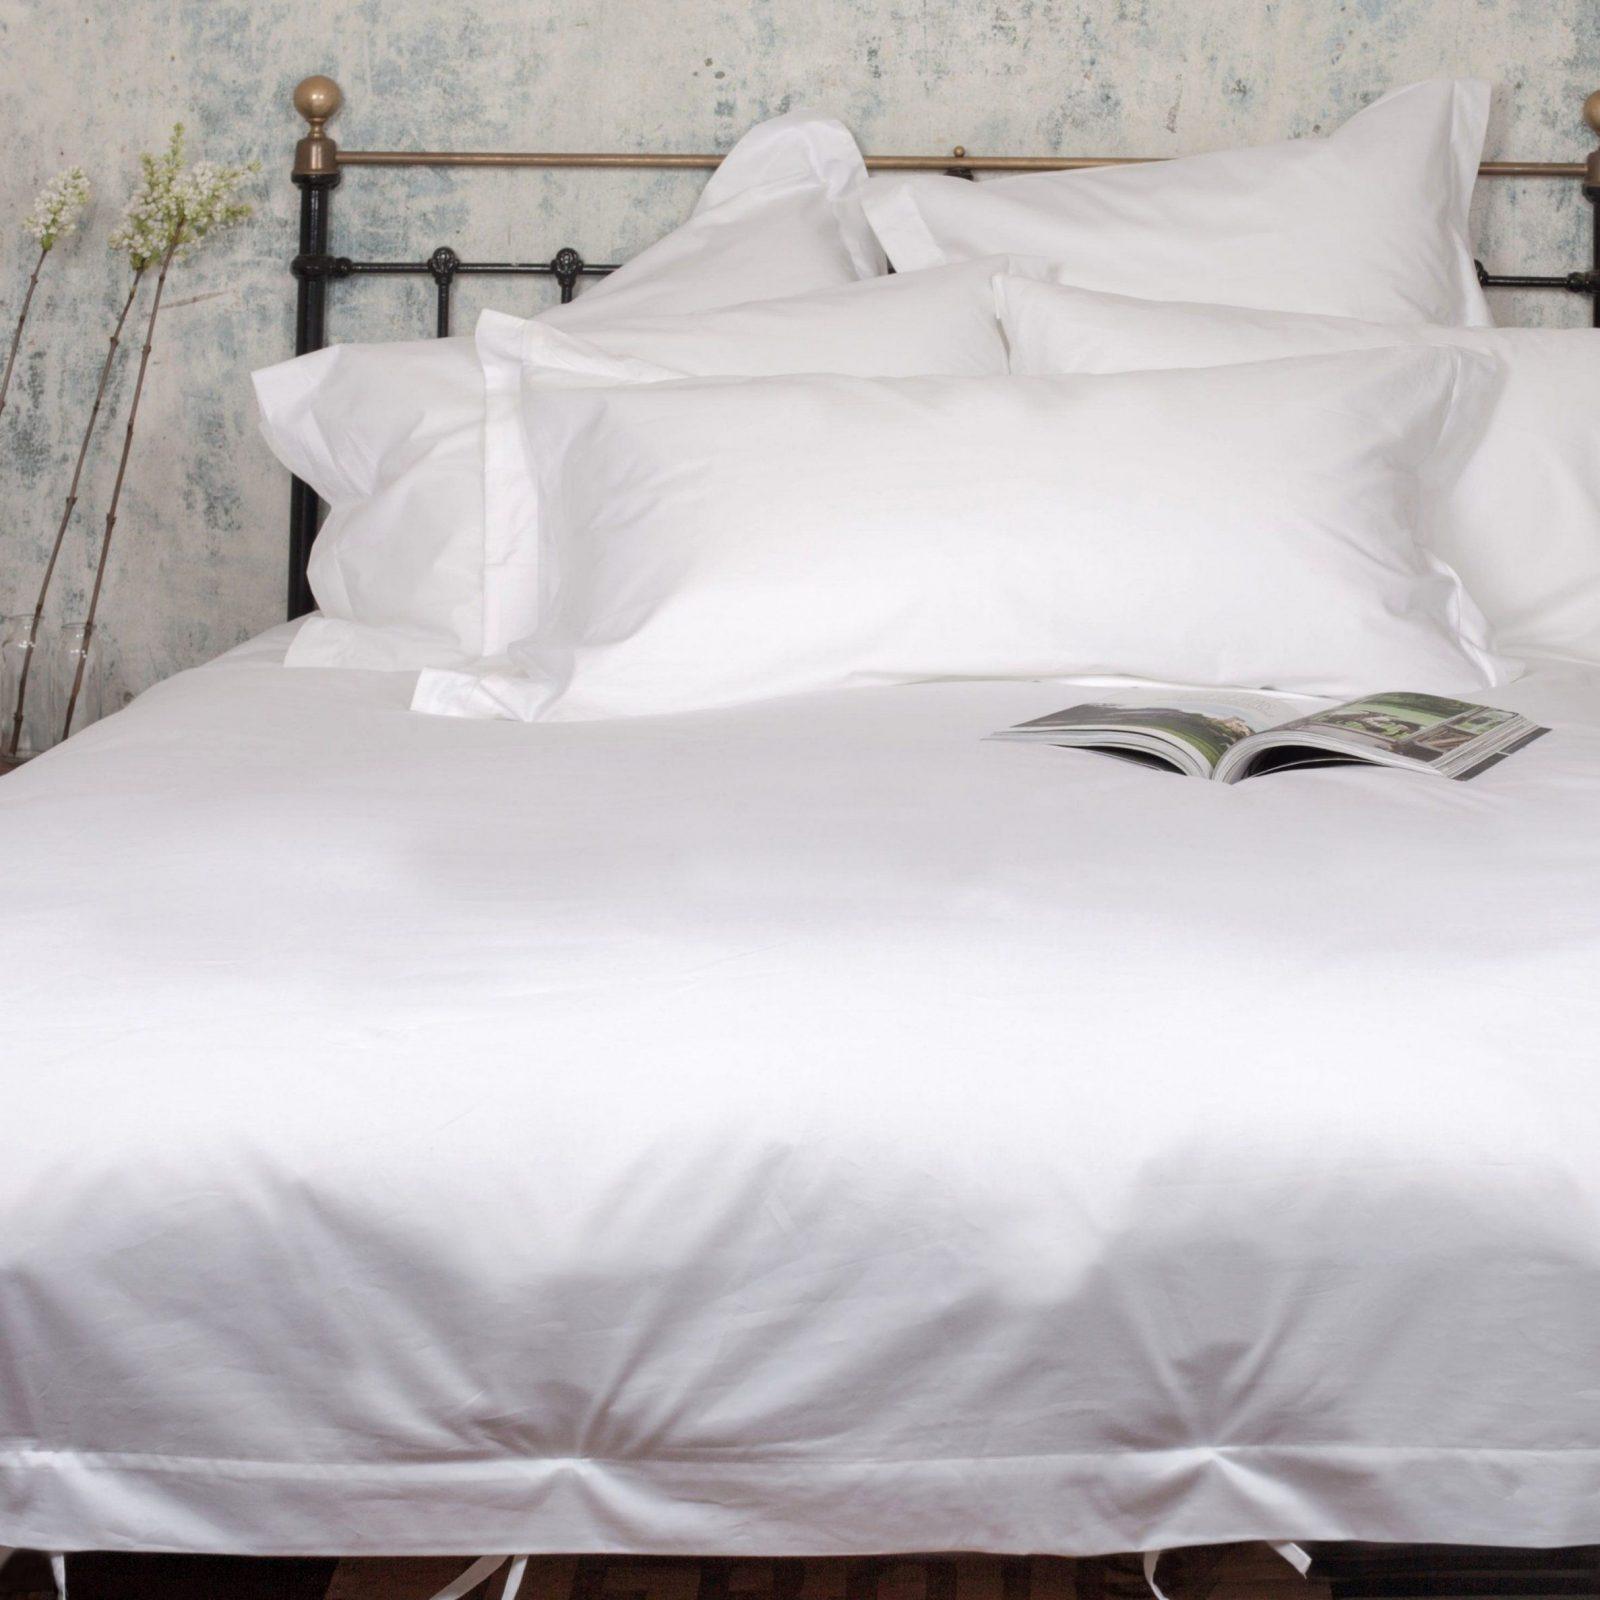 bettw sche weiss mit spitze genial weisse bettwsche mit spitze von bettw sche wei spitze bild. Black Bedroom Furniture Sets. Home Design Ideas